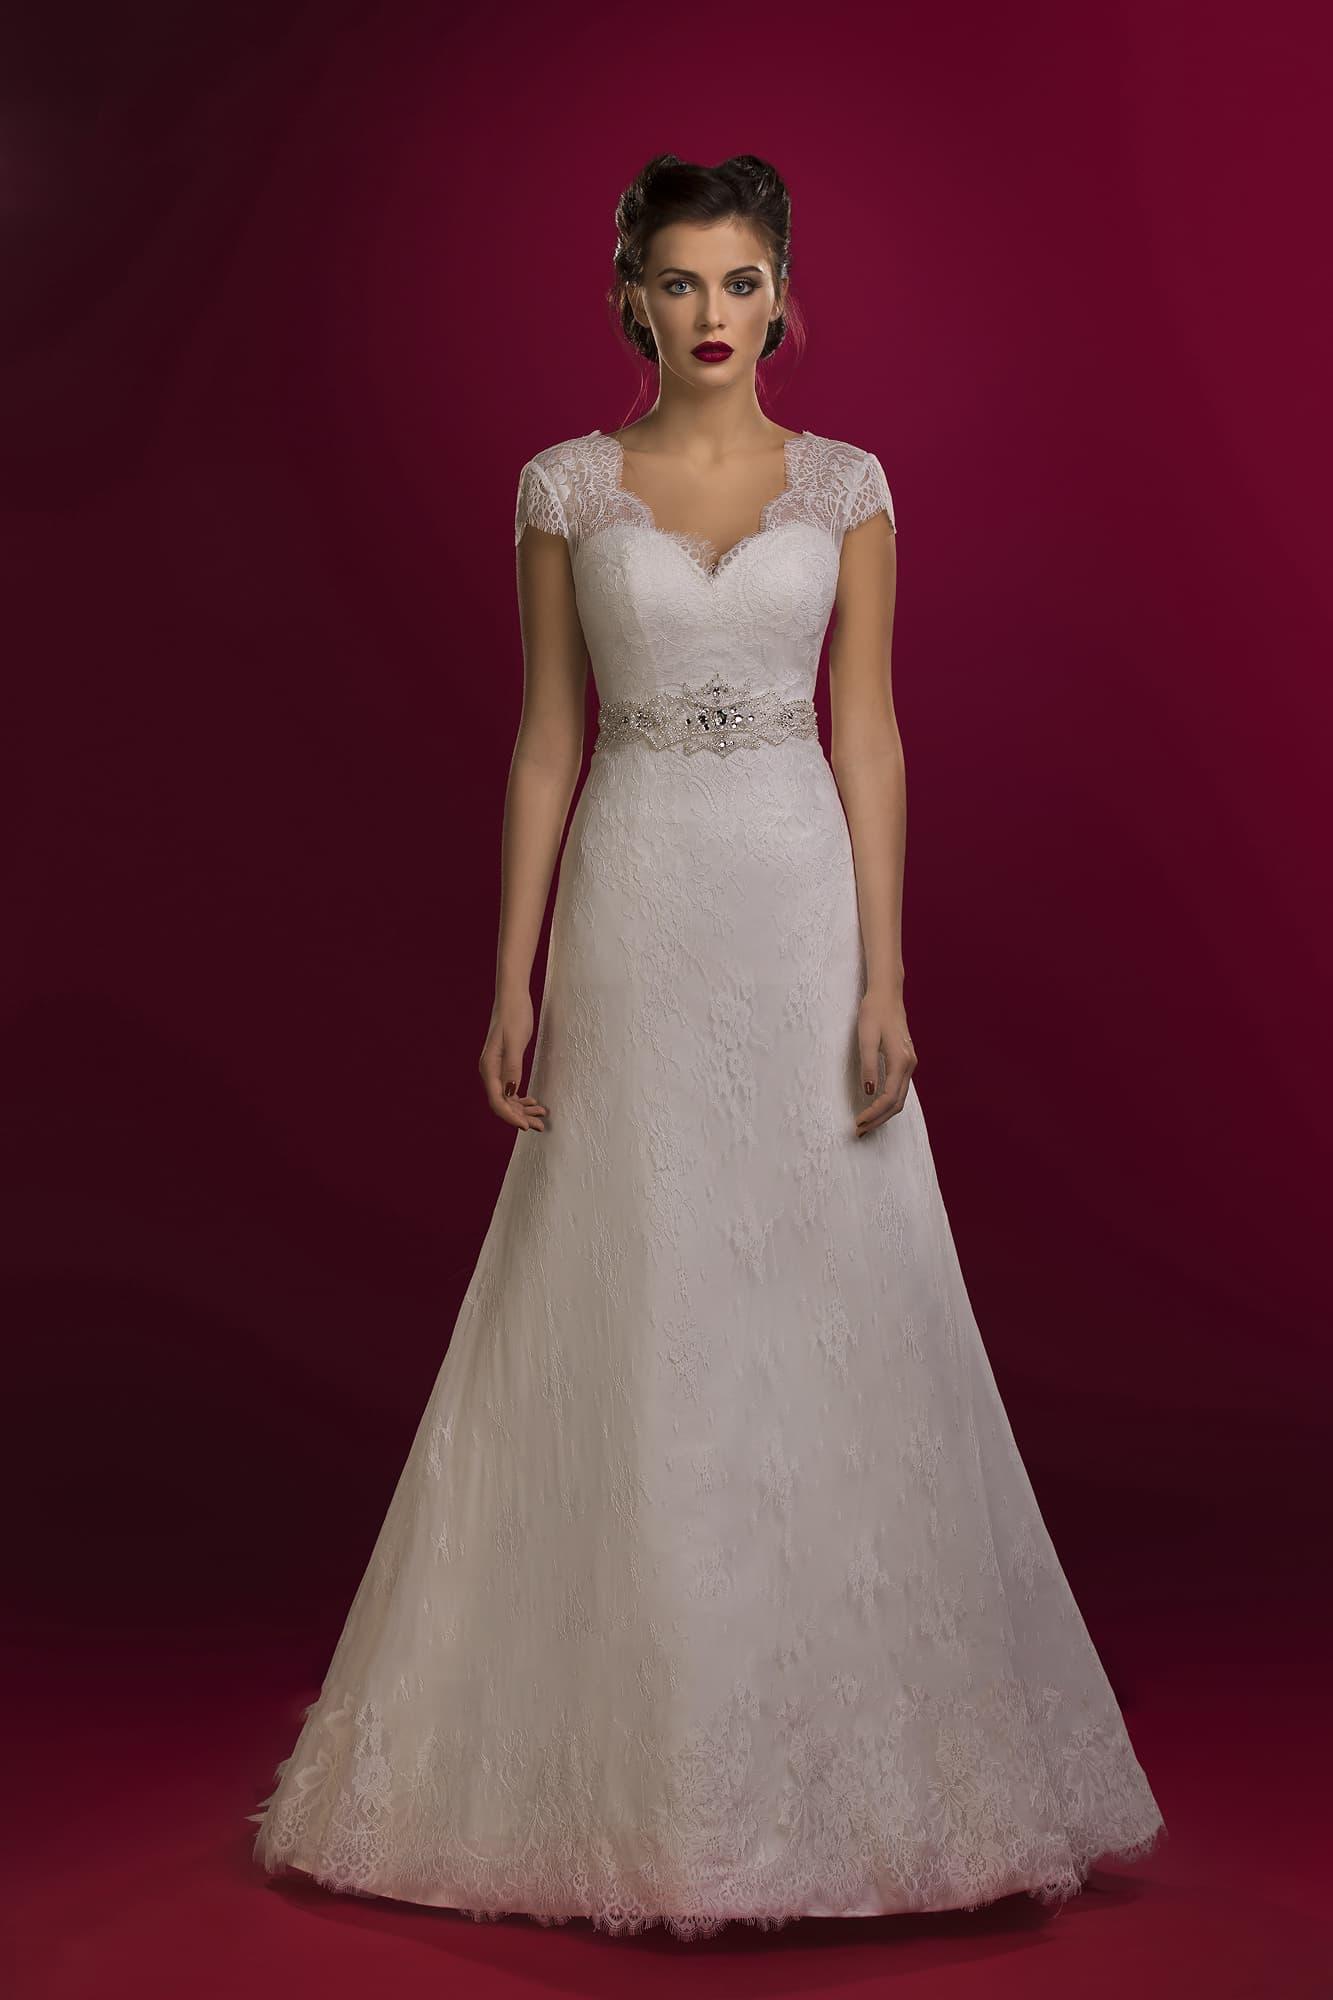 945ee3c3575 Свадебное платье силуэта «принцесса» с открытой спинкой и короткими  кружевными рукавами.